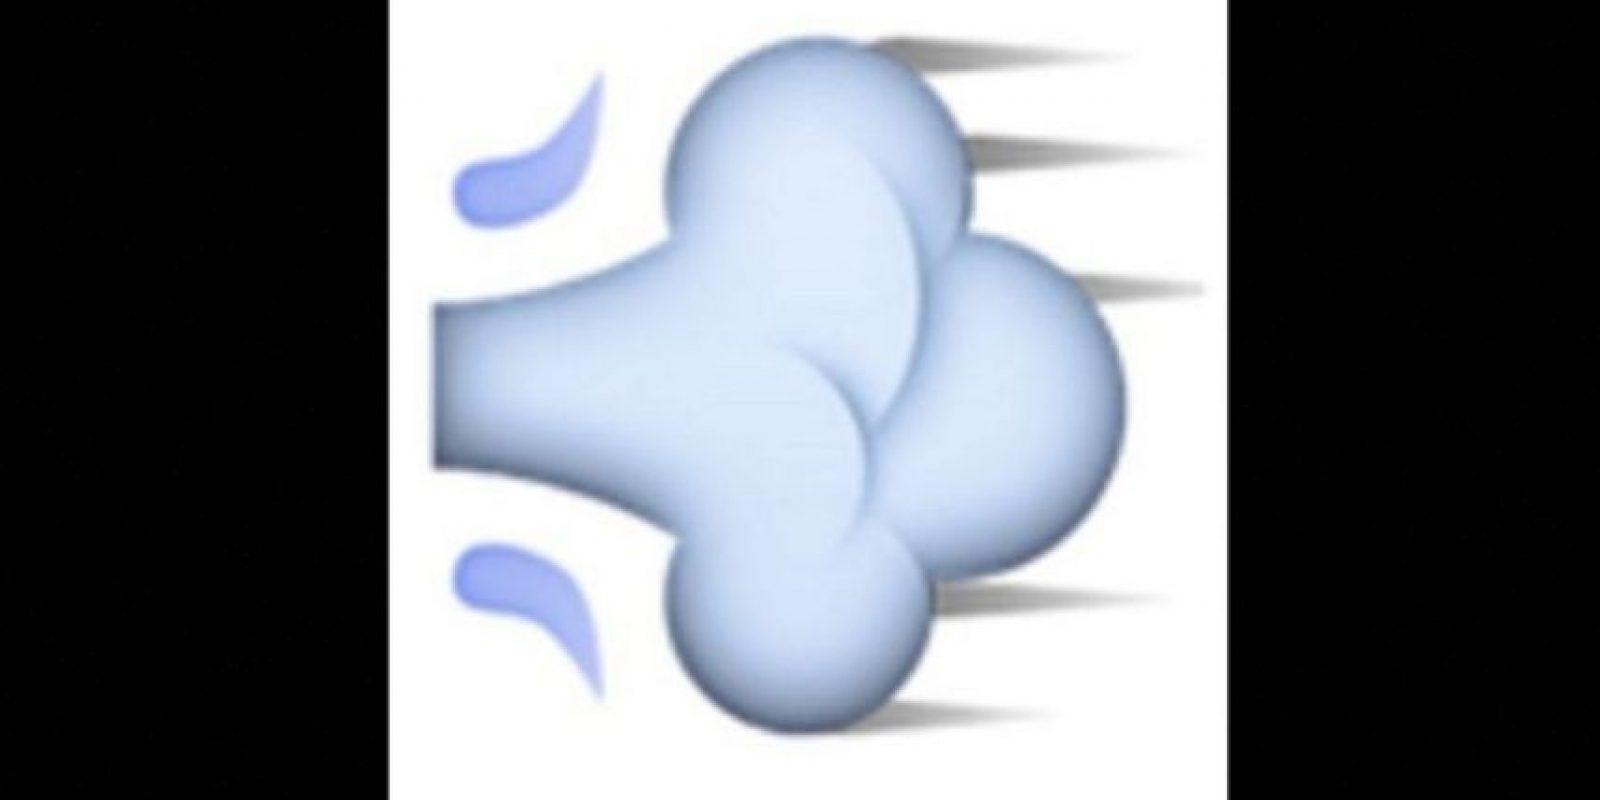 4. Usado para representar flatulencias, en realidad es una ráfaga de aire que representa el movimiento rápido de una persona o un objeto. Foto:vía emojipedia.org